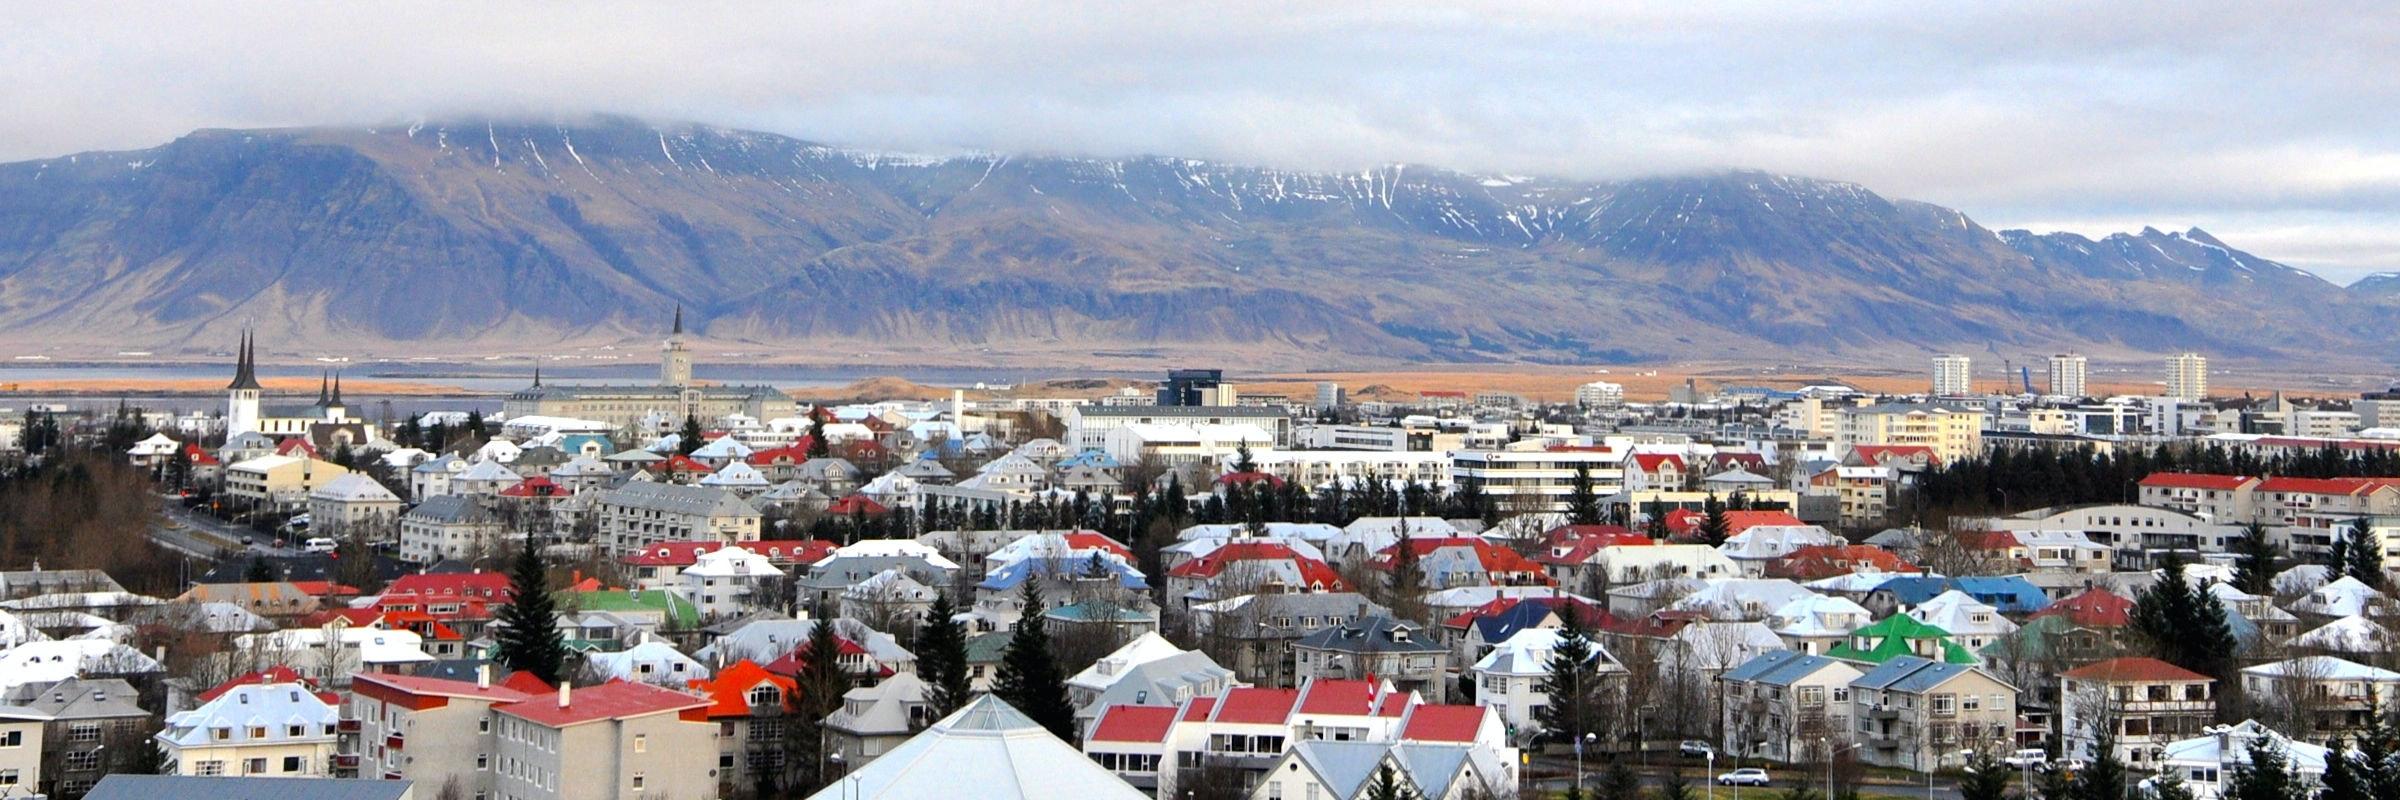 冰岛首都雷克雅未克珍珠楼景色